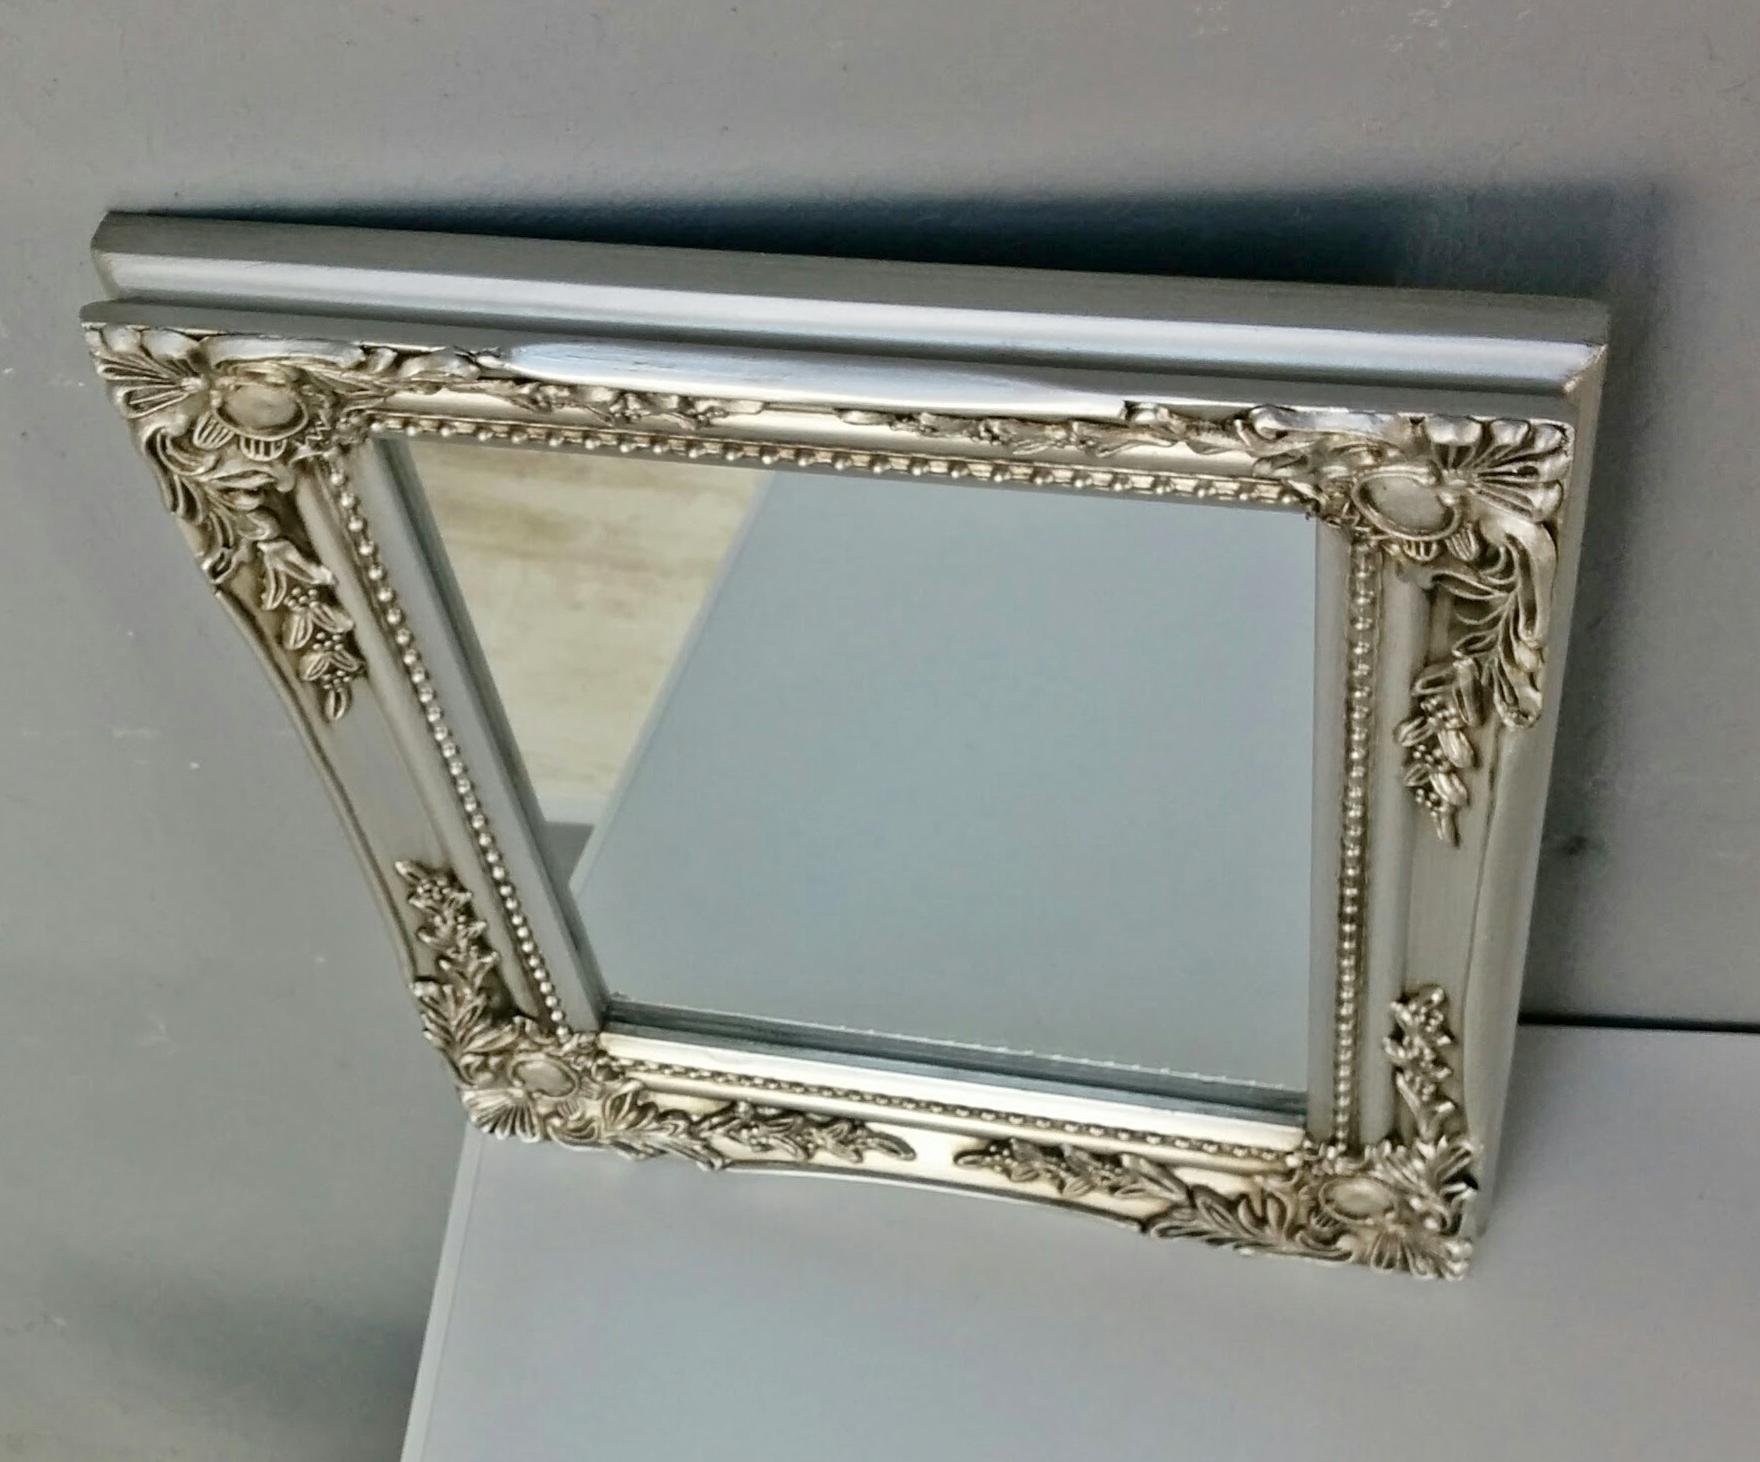 Großartig 24 X 30 Spiegel Eingerahmt Galerie - Benutzerdefinierte ...